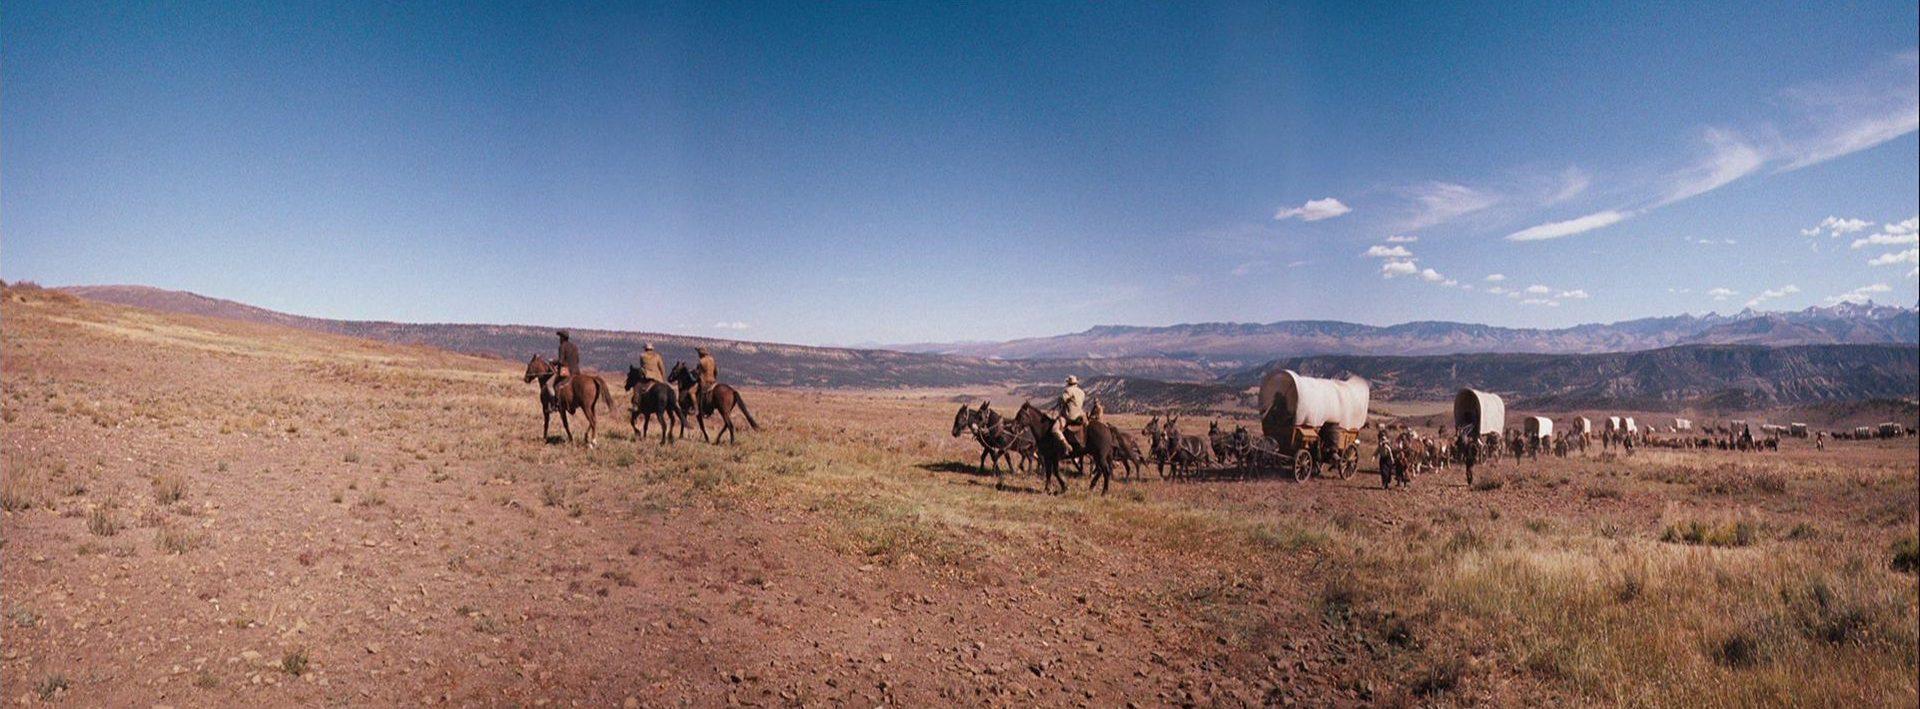 Ein Siedlertreck mit seinen Planwagen unterwegs durch die Prärie vor strahlend blauem Himmel.